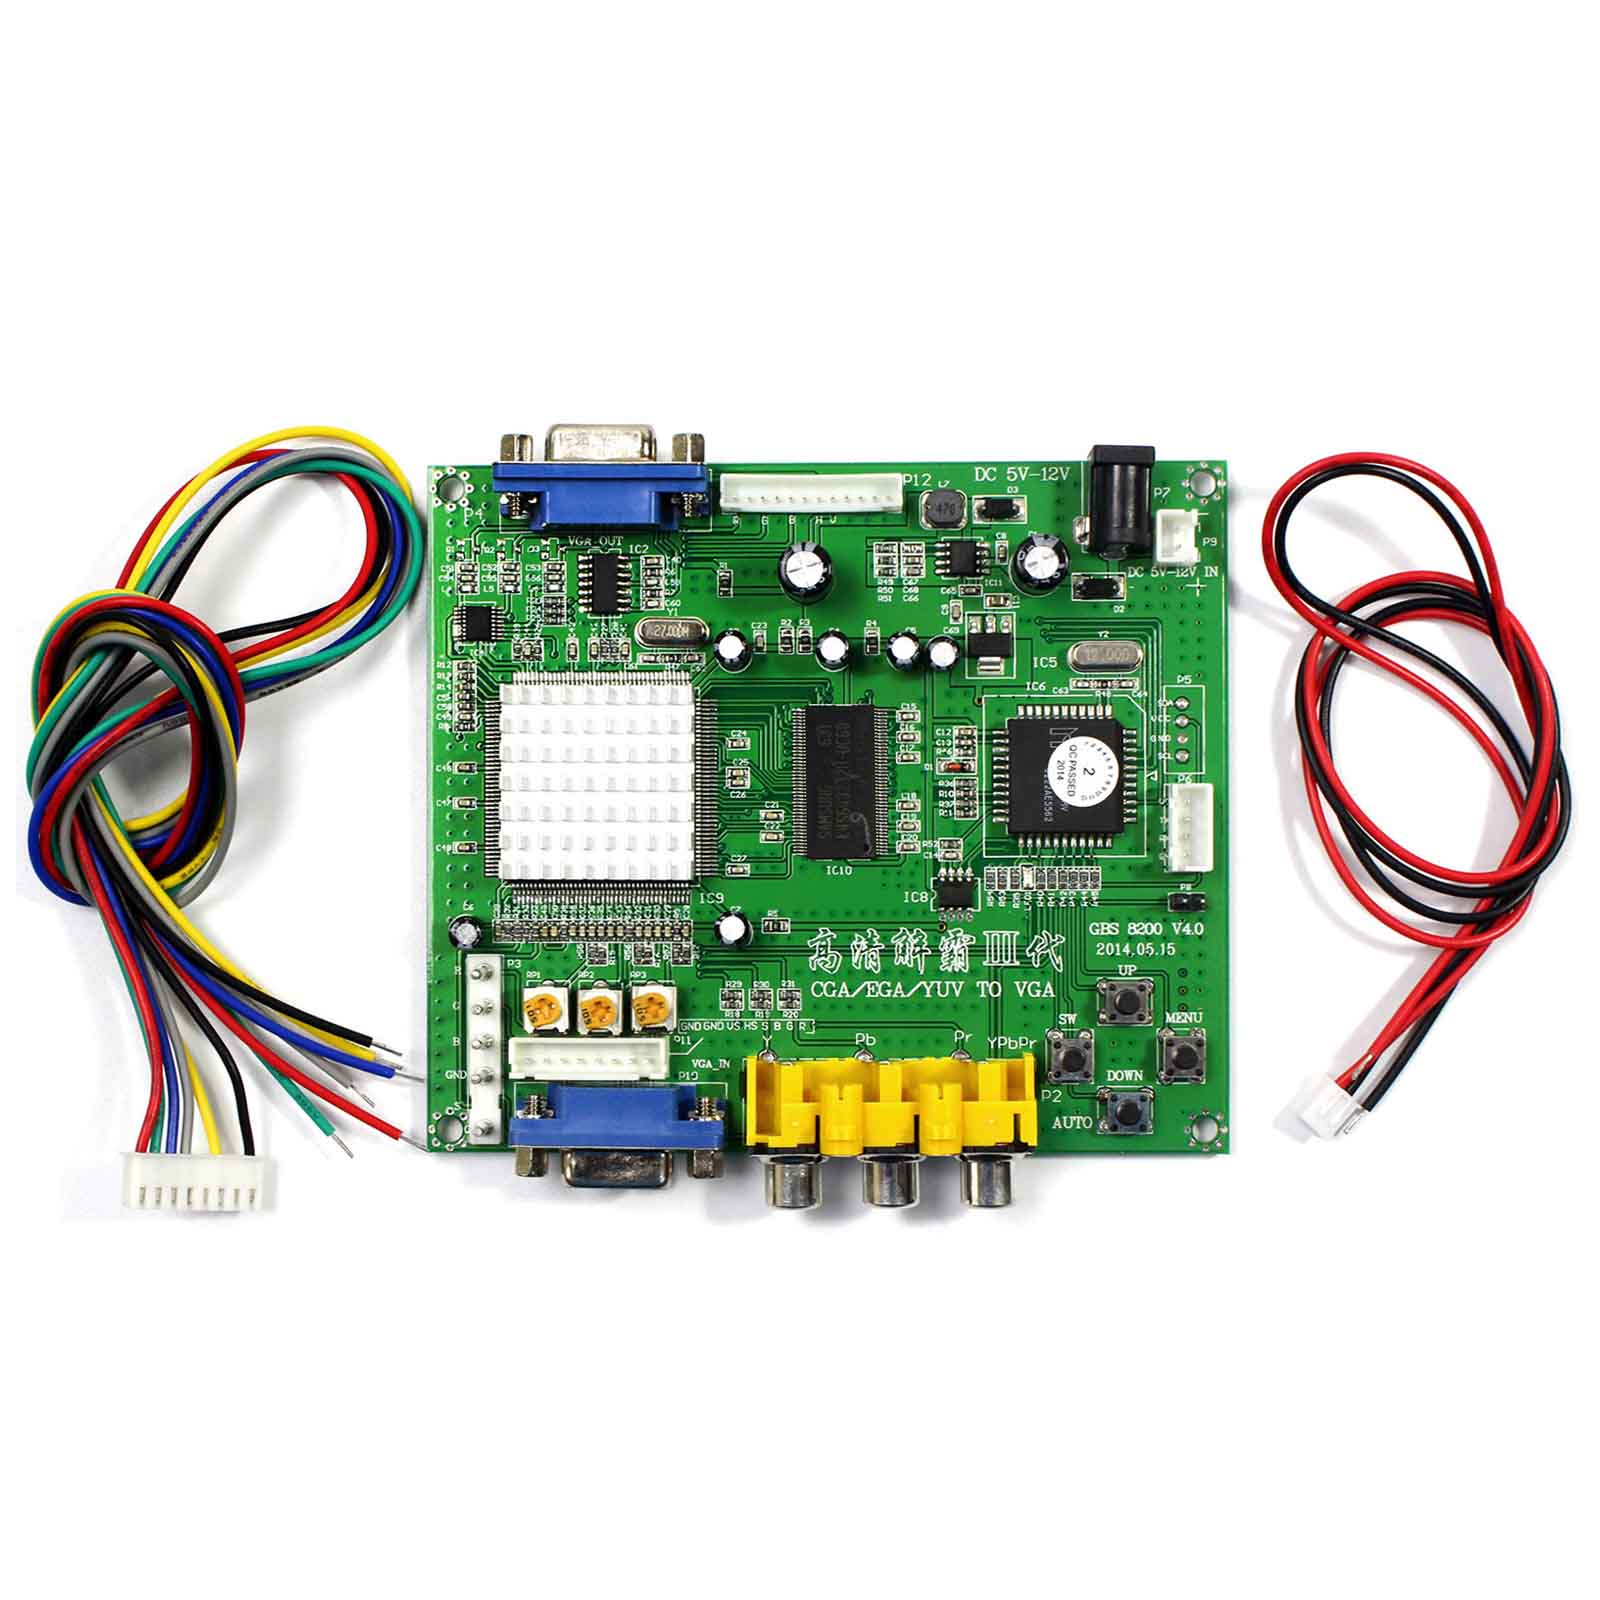 CGA+EGA+RGB to VGA GAME Video Converter Board 1 VGA Output Game Convert GBS8200|rgb to vga|cga ega|ega to vga - title=